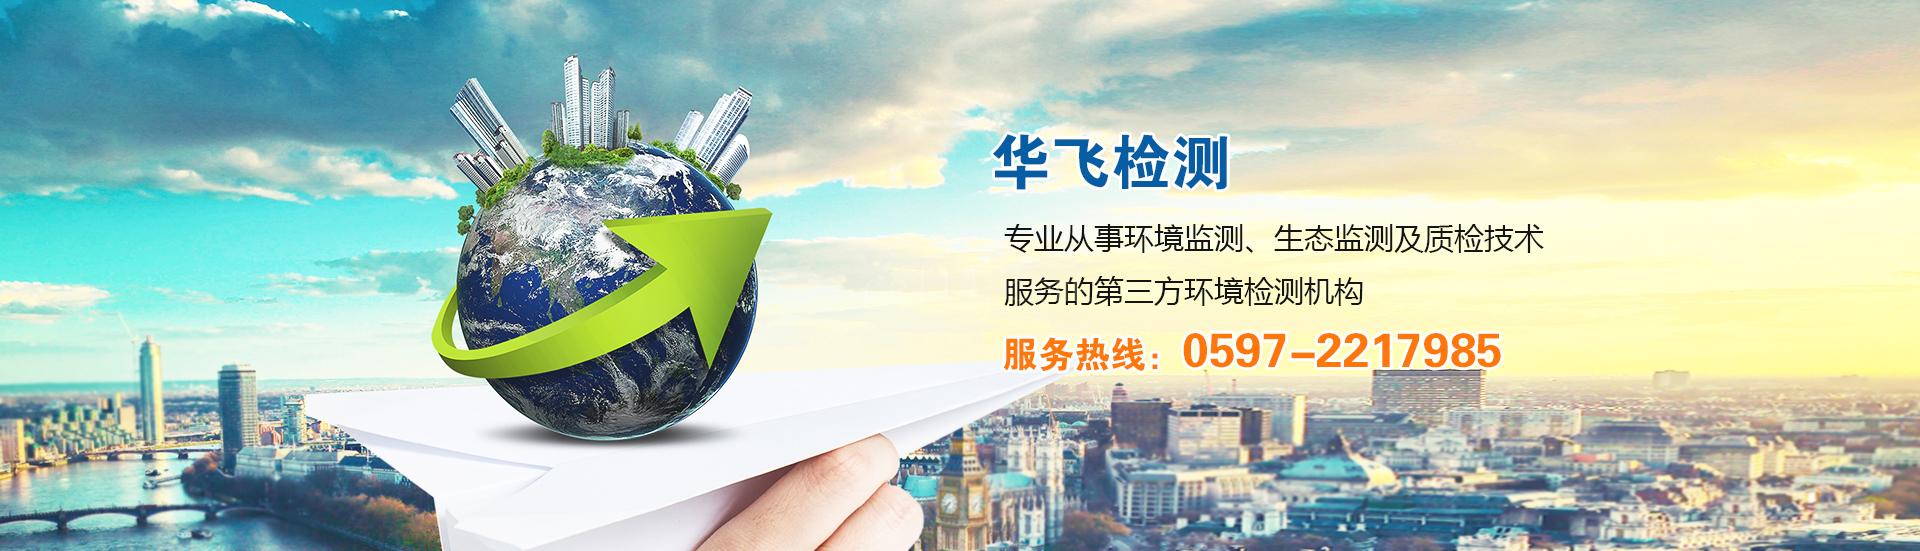 公司简介-福建省华飞检测技术有限公司